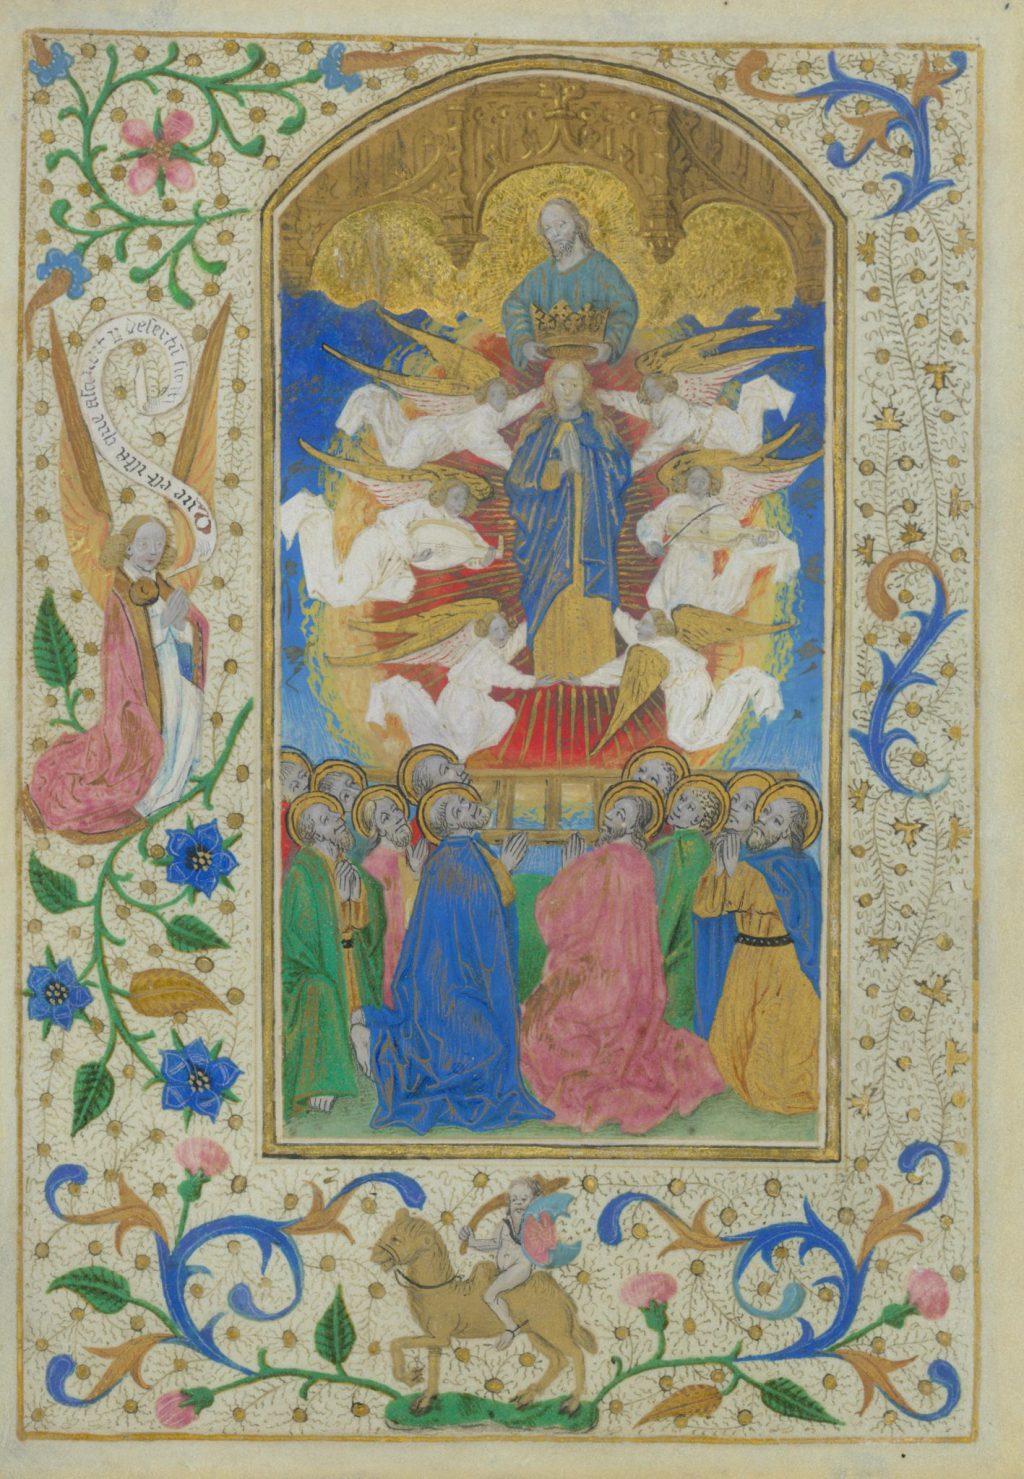 Pagina uit een Delfts getijdenboek, c. 1480 (TMS 76648)